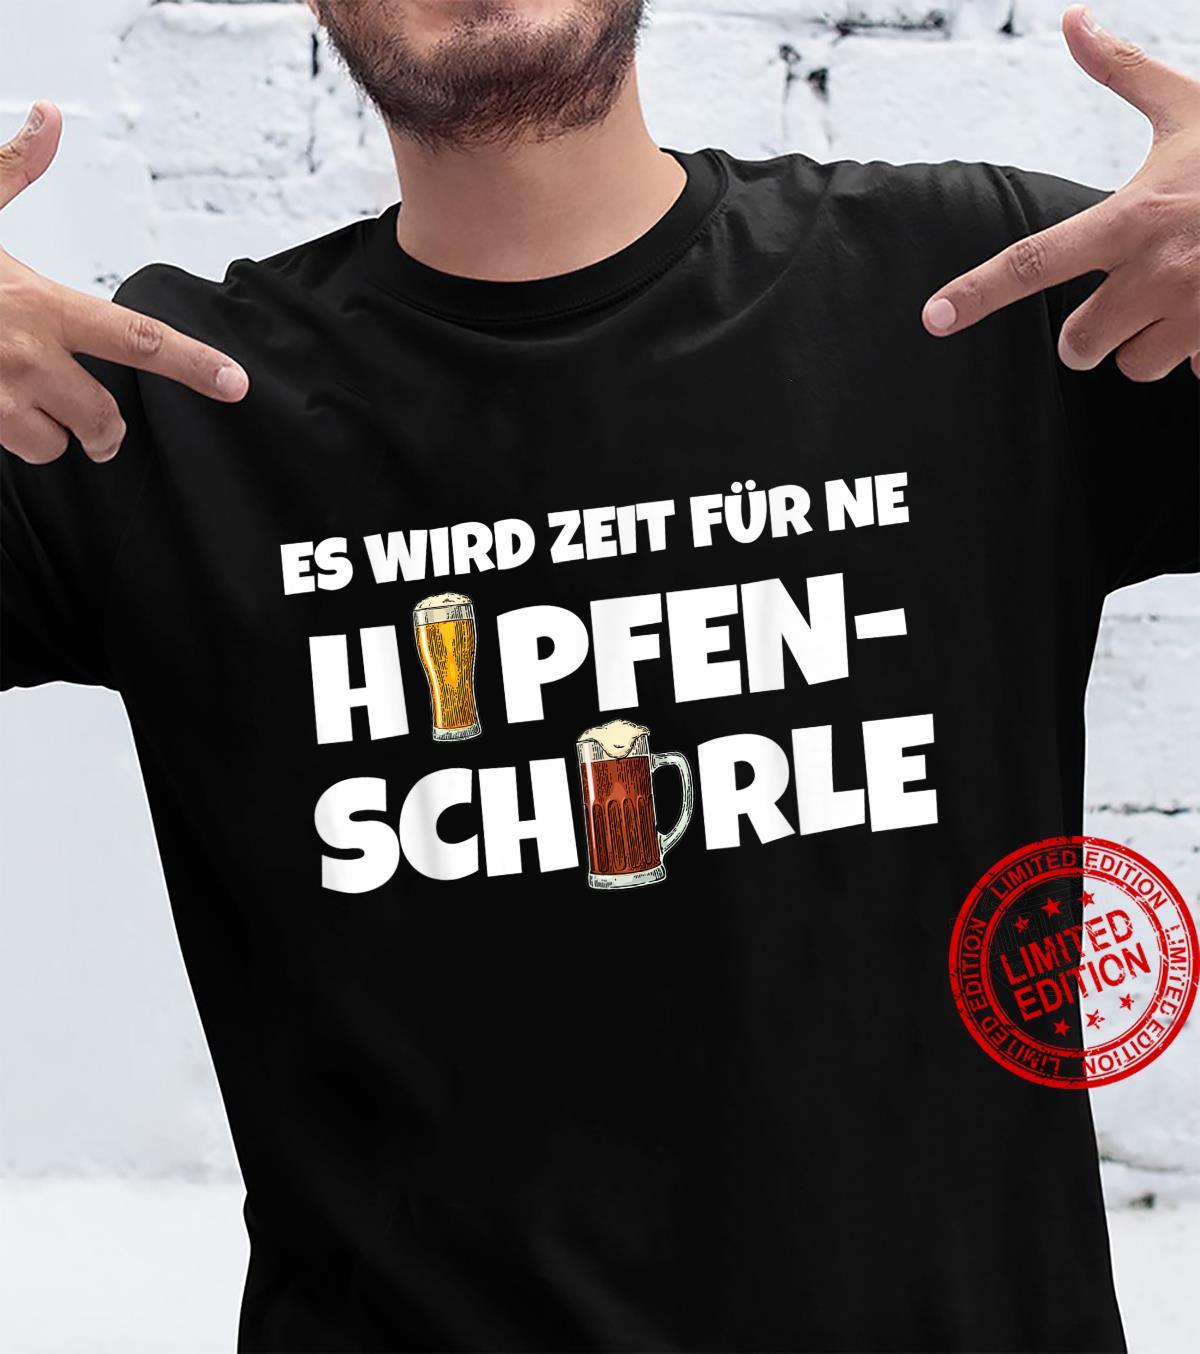 Hopfenschorle Bier Kaltgetränk Biergarten Party Festival gag Shirt